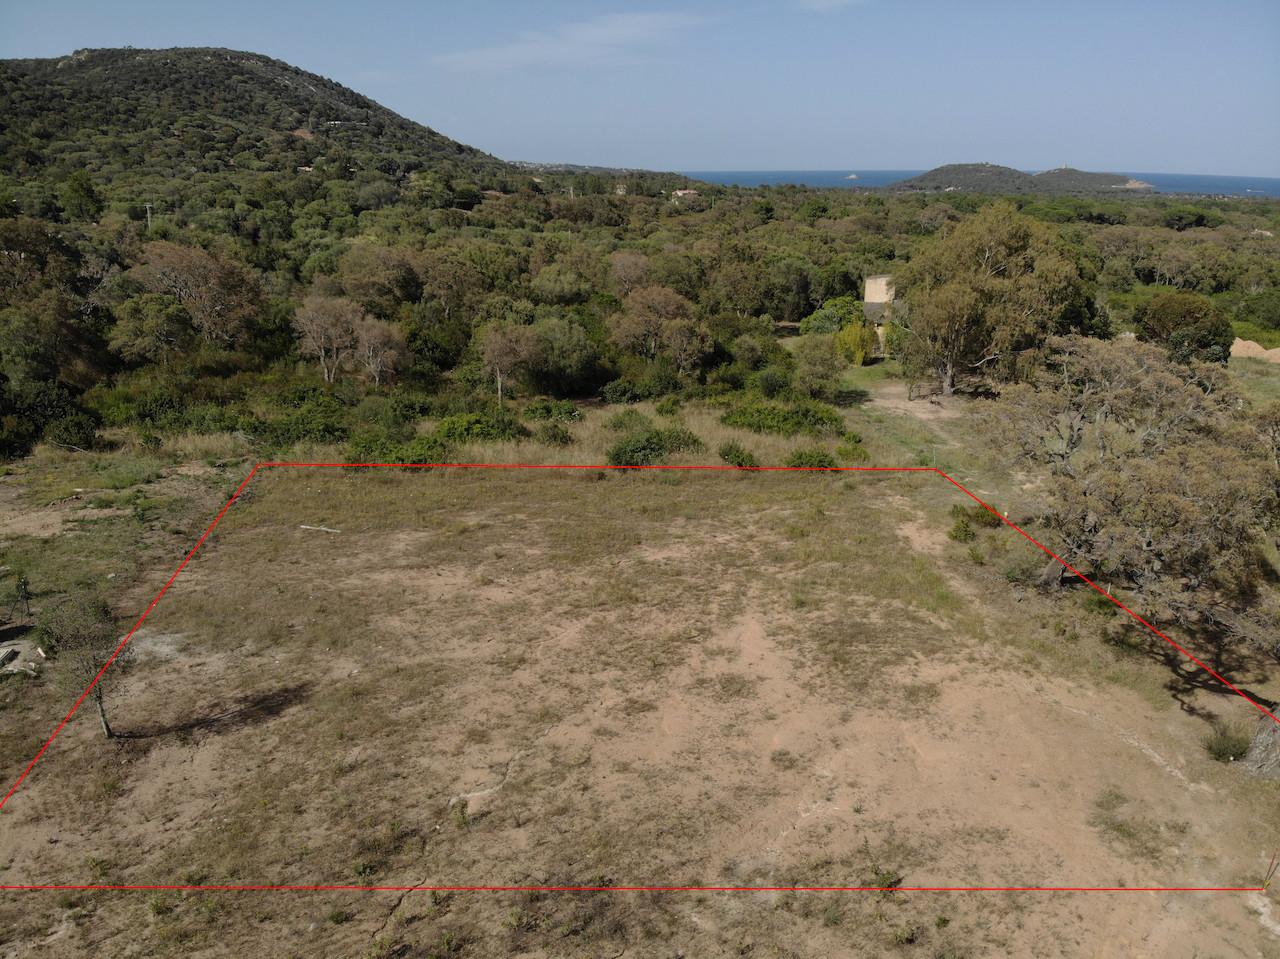 Entre St Cyprien et Pinarello: Terrain à bâtir VIABILISÉ avec C-U PRÉOPÉRATIONNEL DÉLIVRÉ en JUILLET 2019.